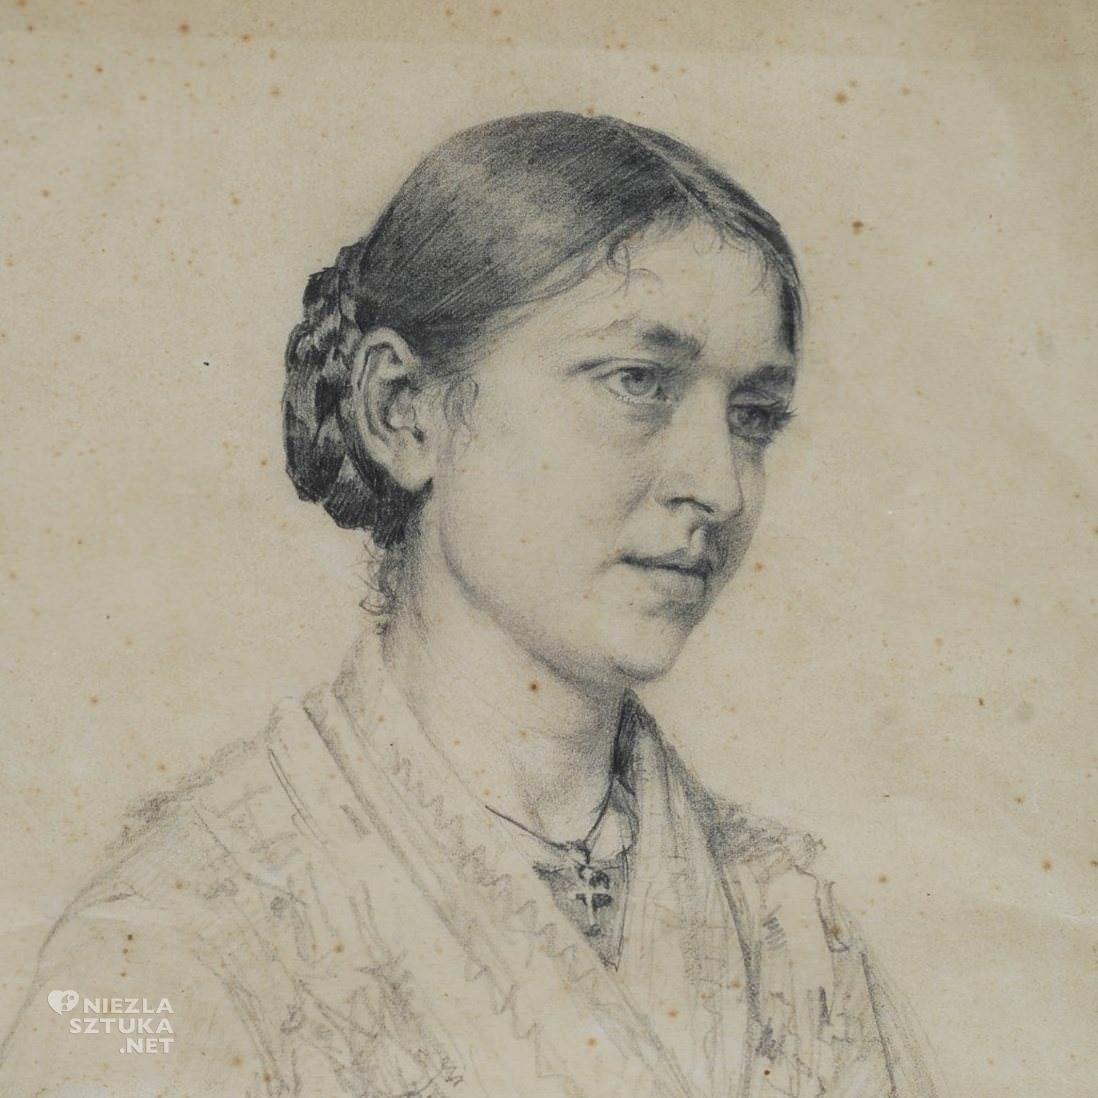 Filadelfo Simi, żona, Adelaide simi, Studio Simi, niezla sztuka